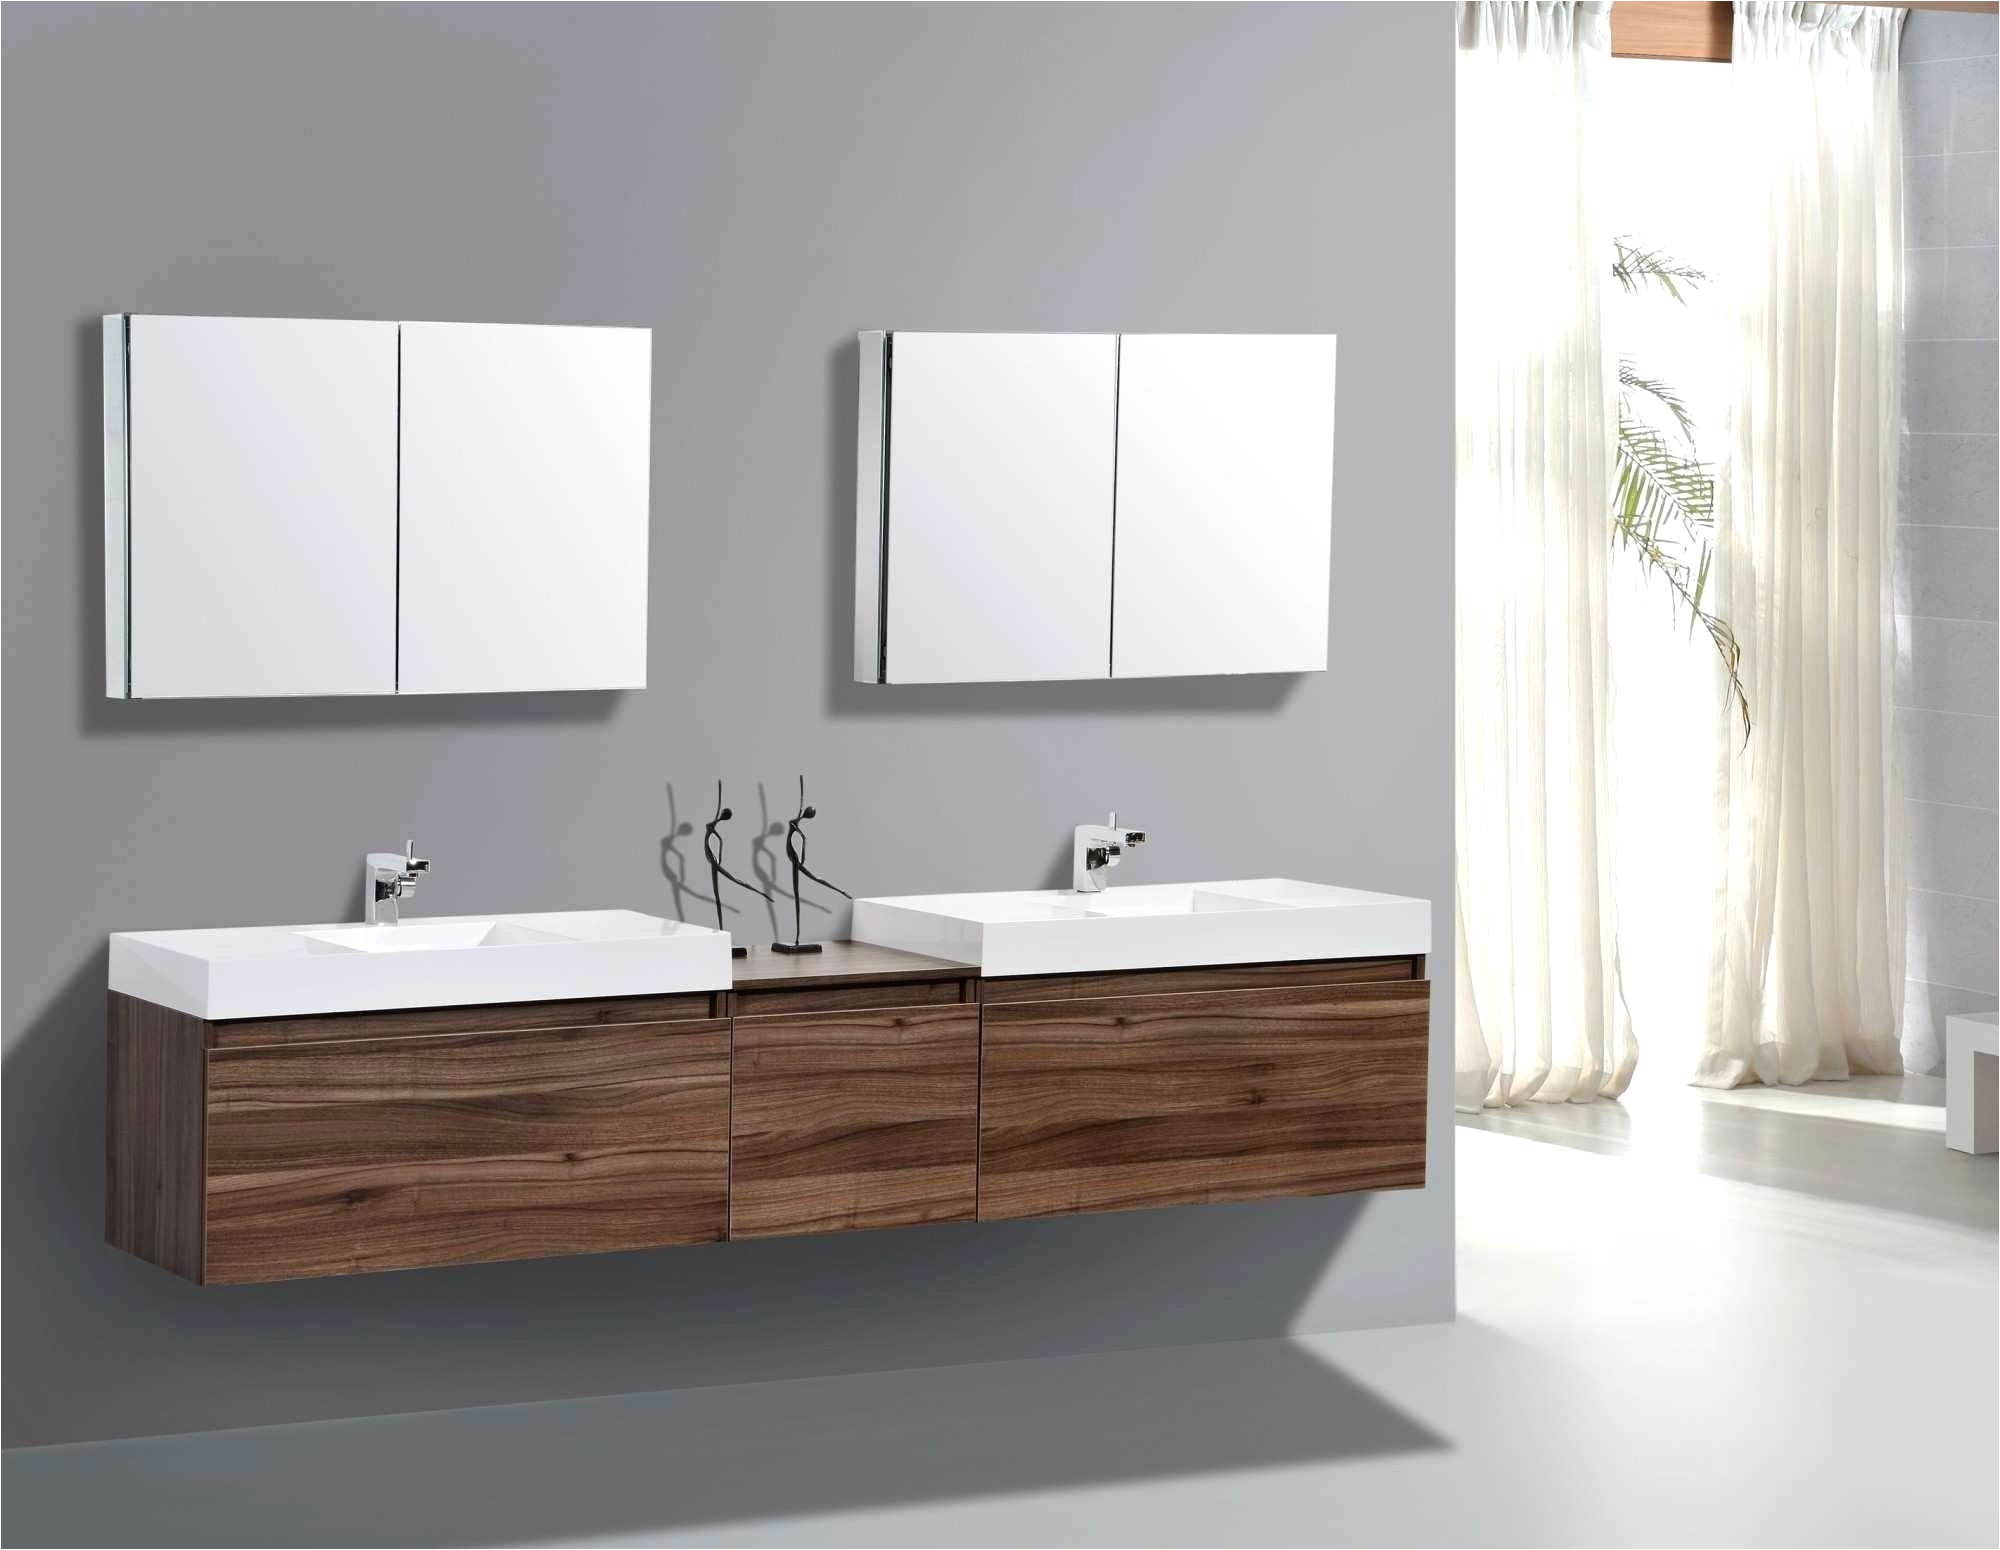 diy bathroom ideas inspirational new bathroom idea diy awesome light luxury h sink install i 0d